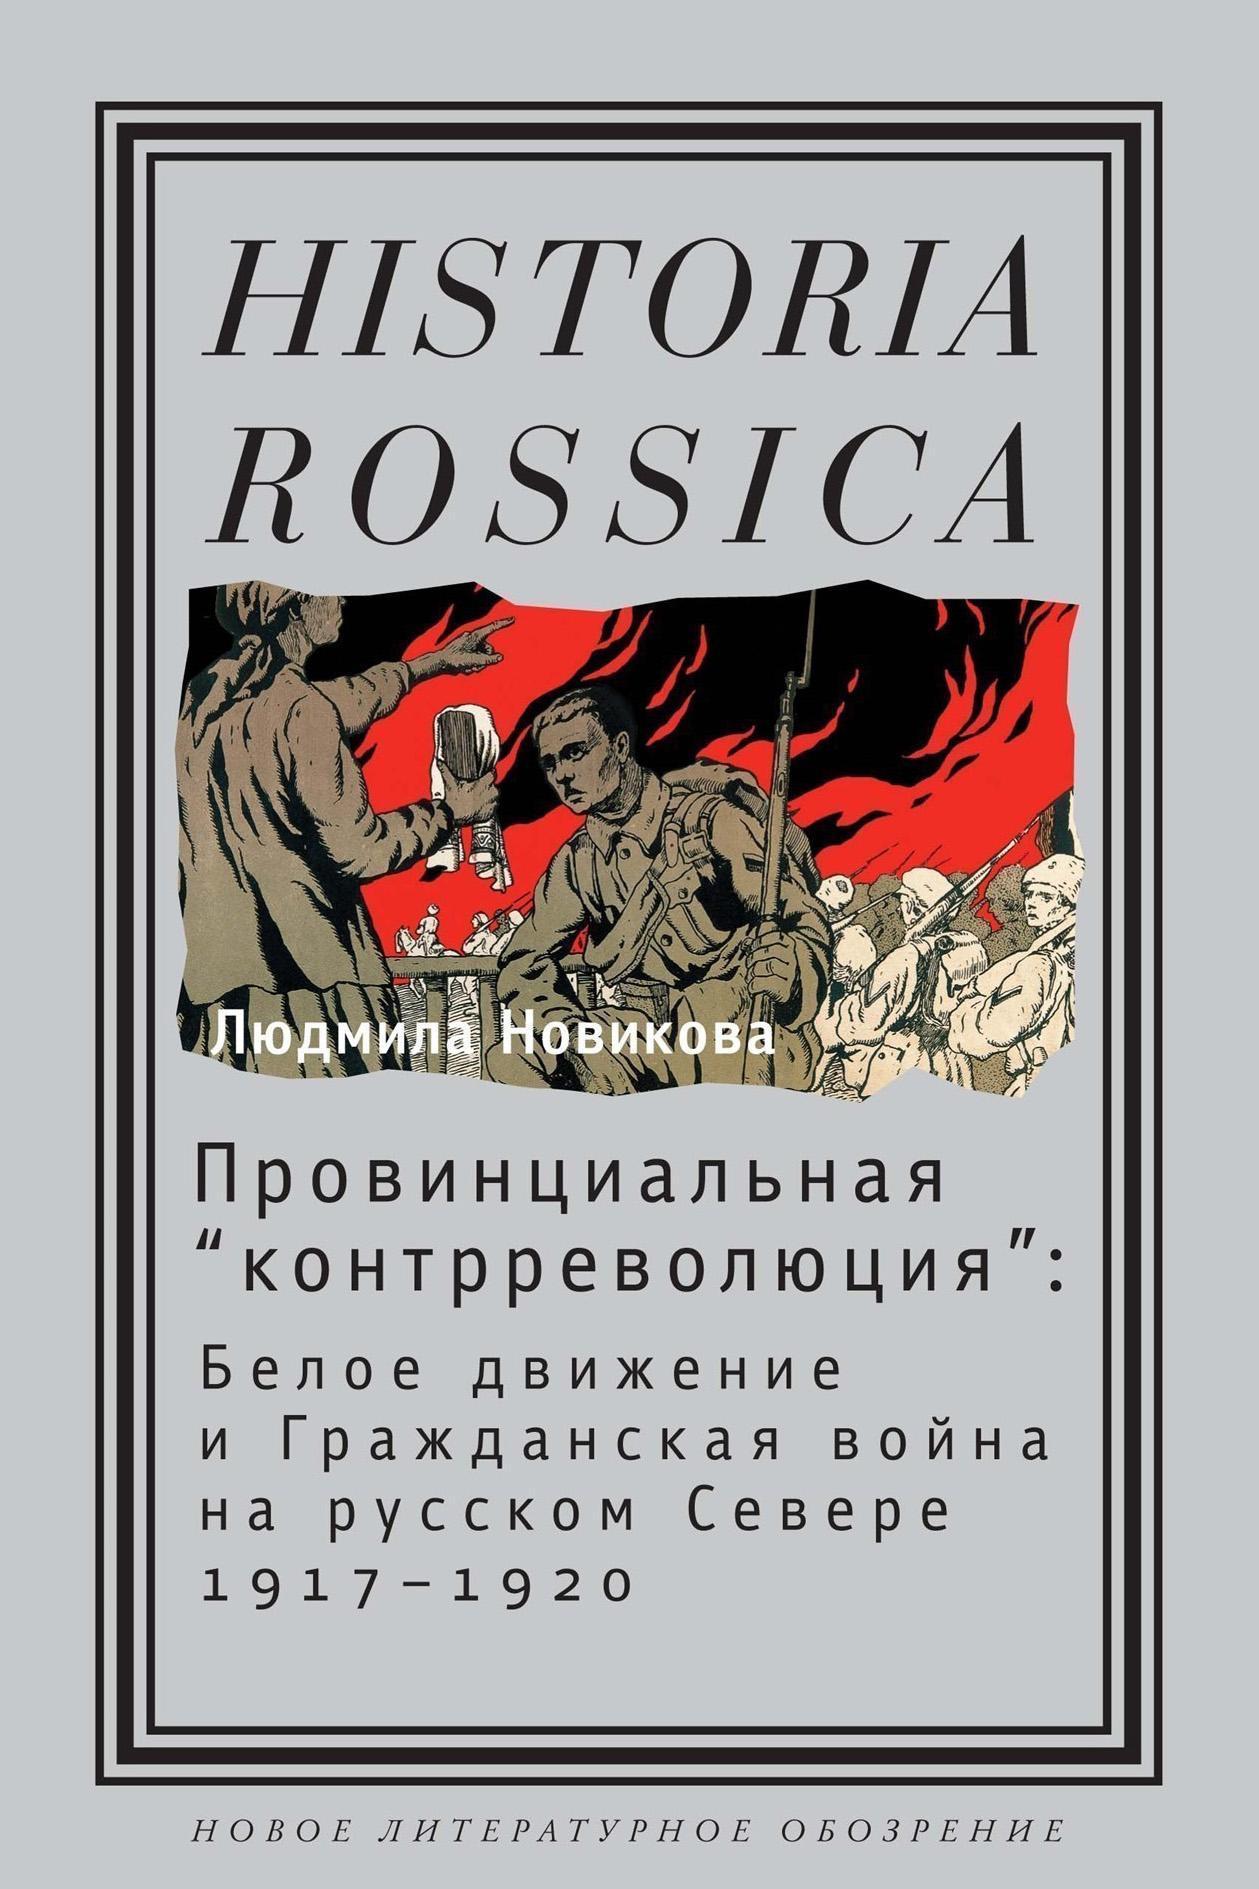 Провинциальная «контрреволюция». Белое движение и гражданская война на русском Севере